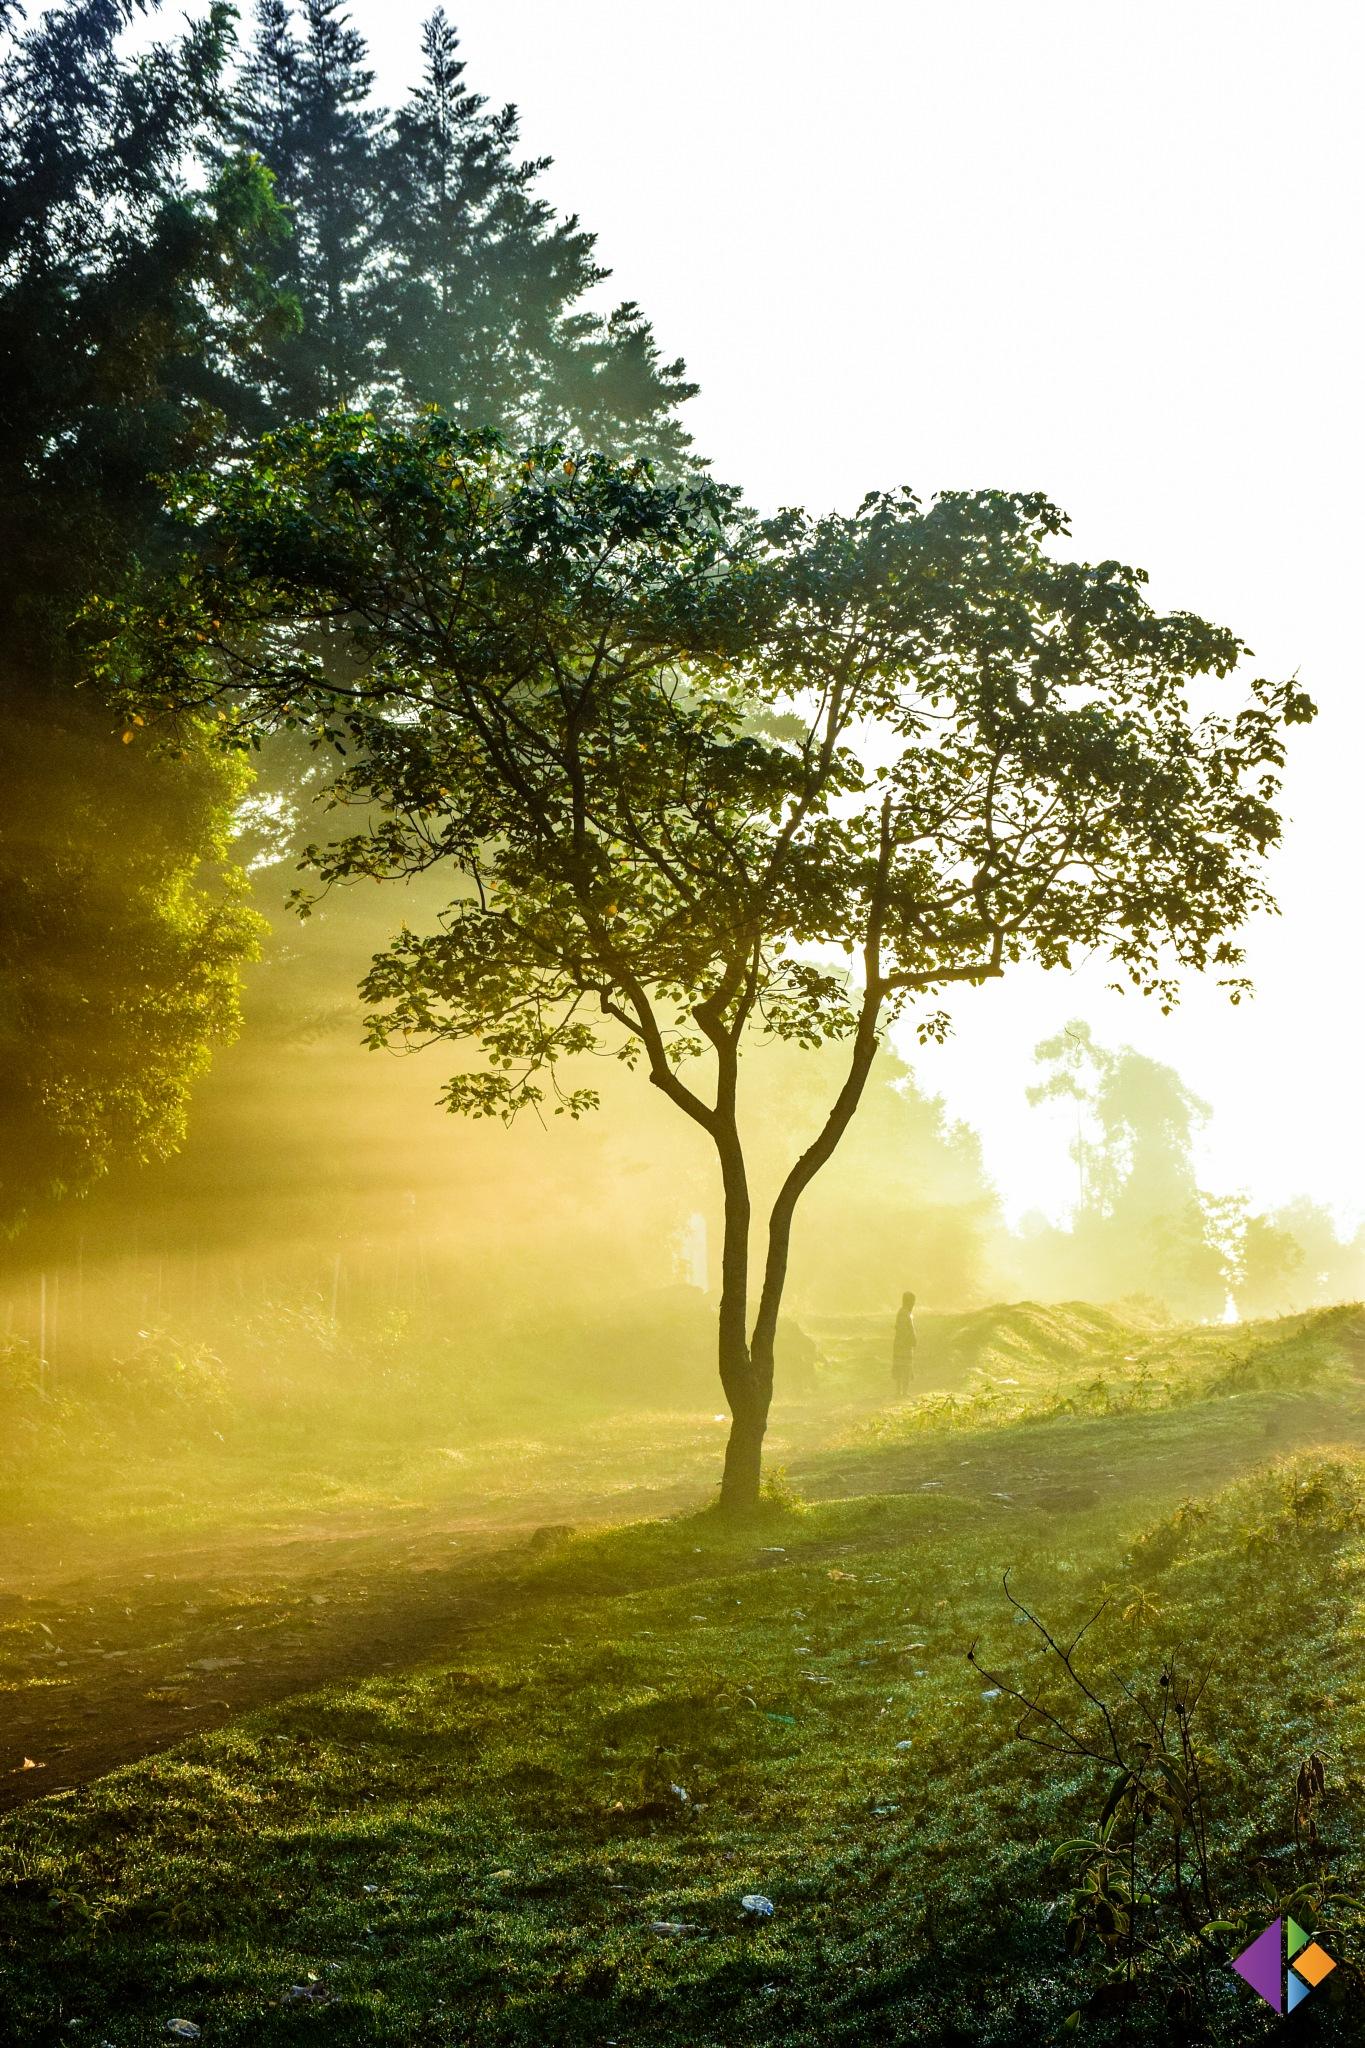 Sunrise in the East by Kioko Muindi